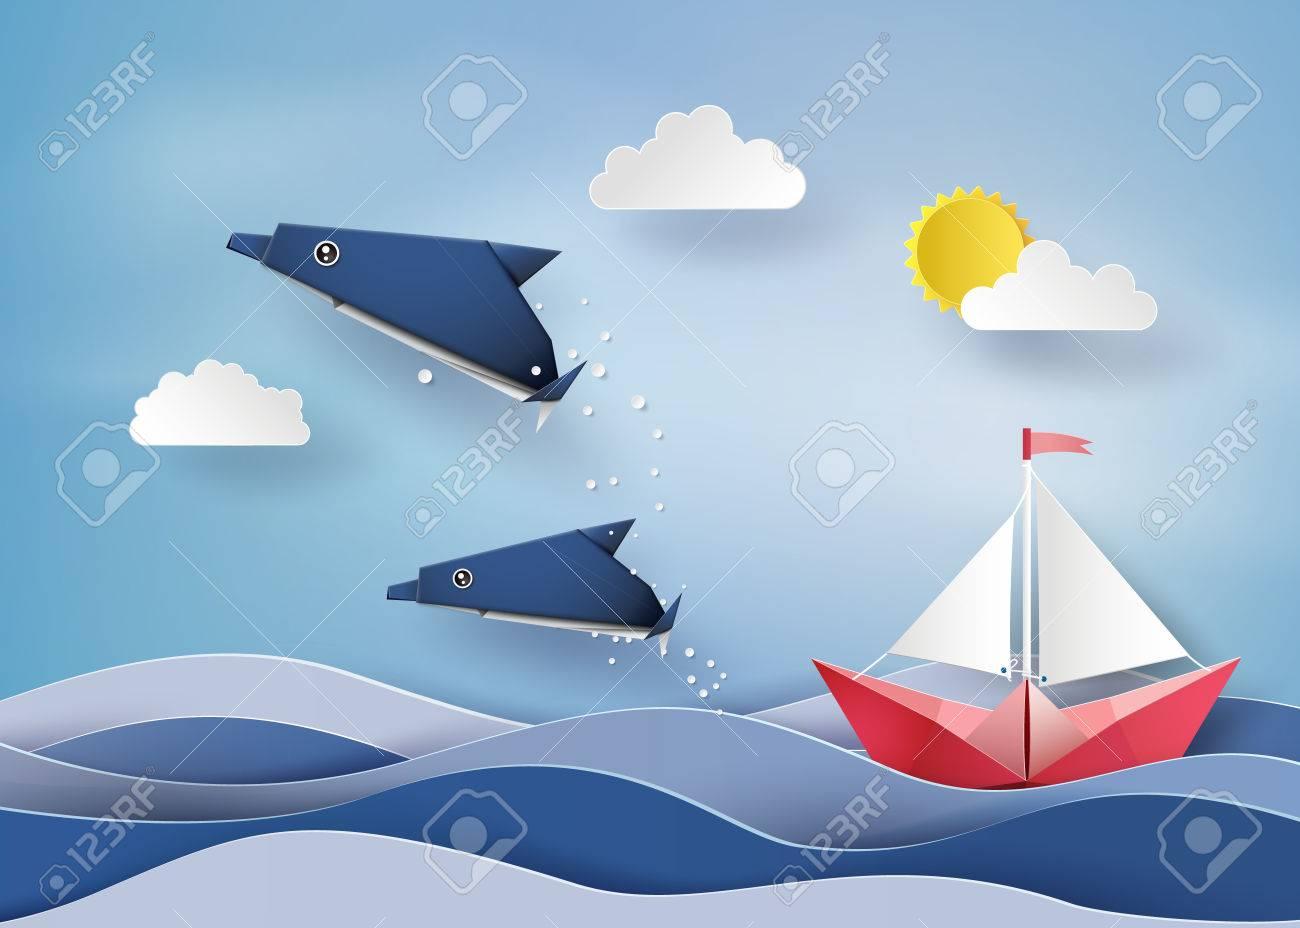 Origami Fait Dauphins Et Bateau A Voile Float Sur Mer Paper Style Art Clip Art Libres De Droits Vecteurs Et Illustration Image 66370188